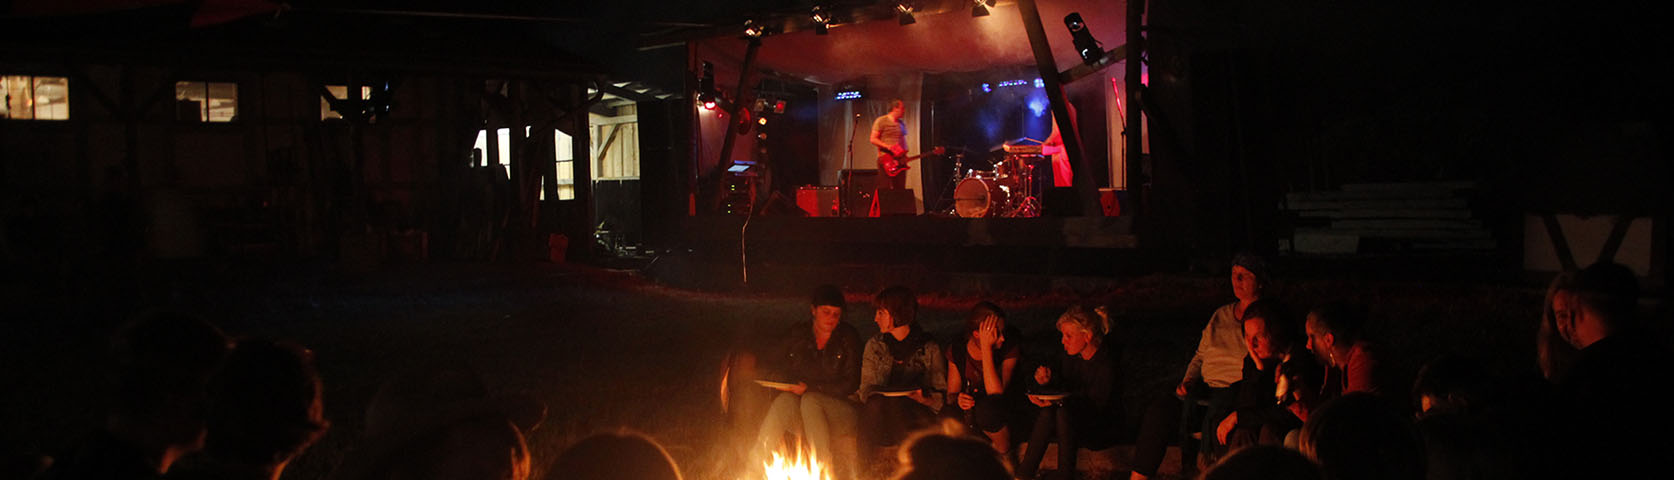 Lietze Rock